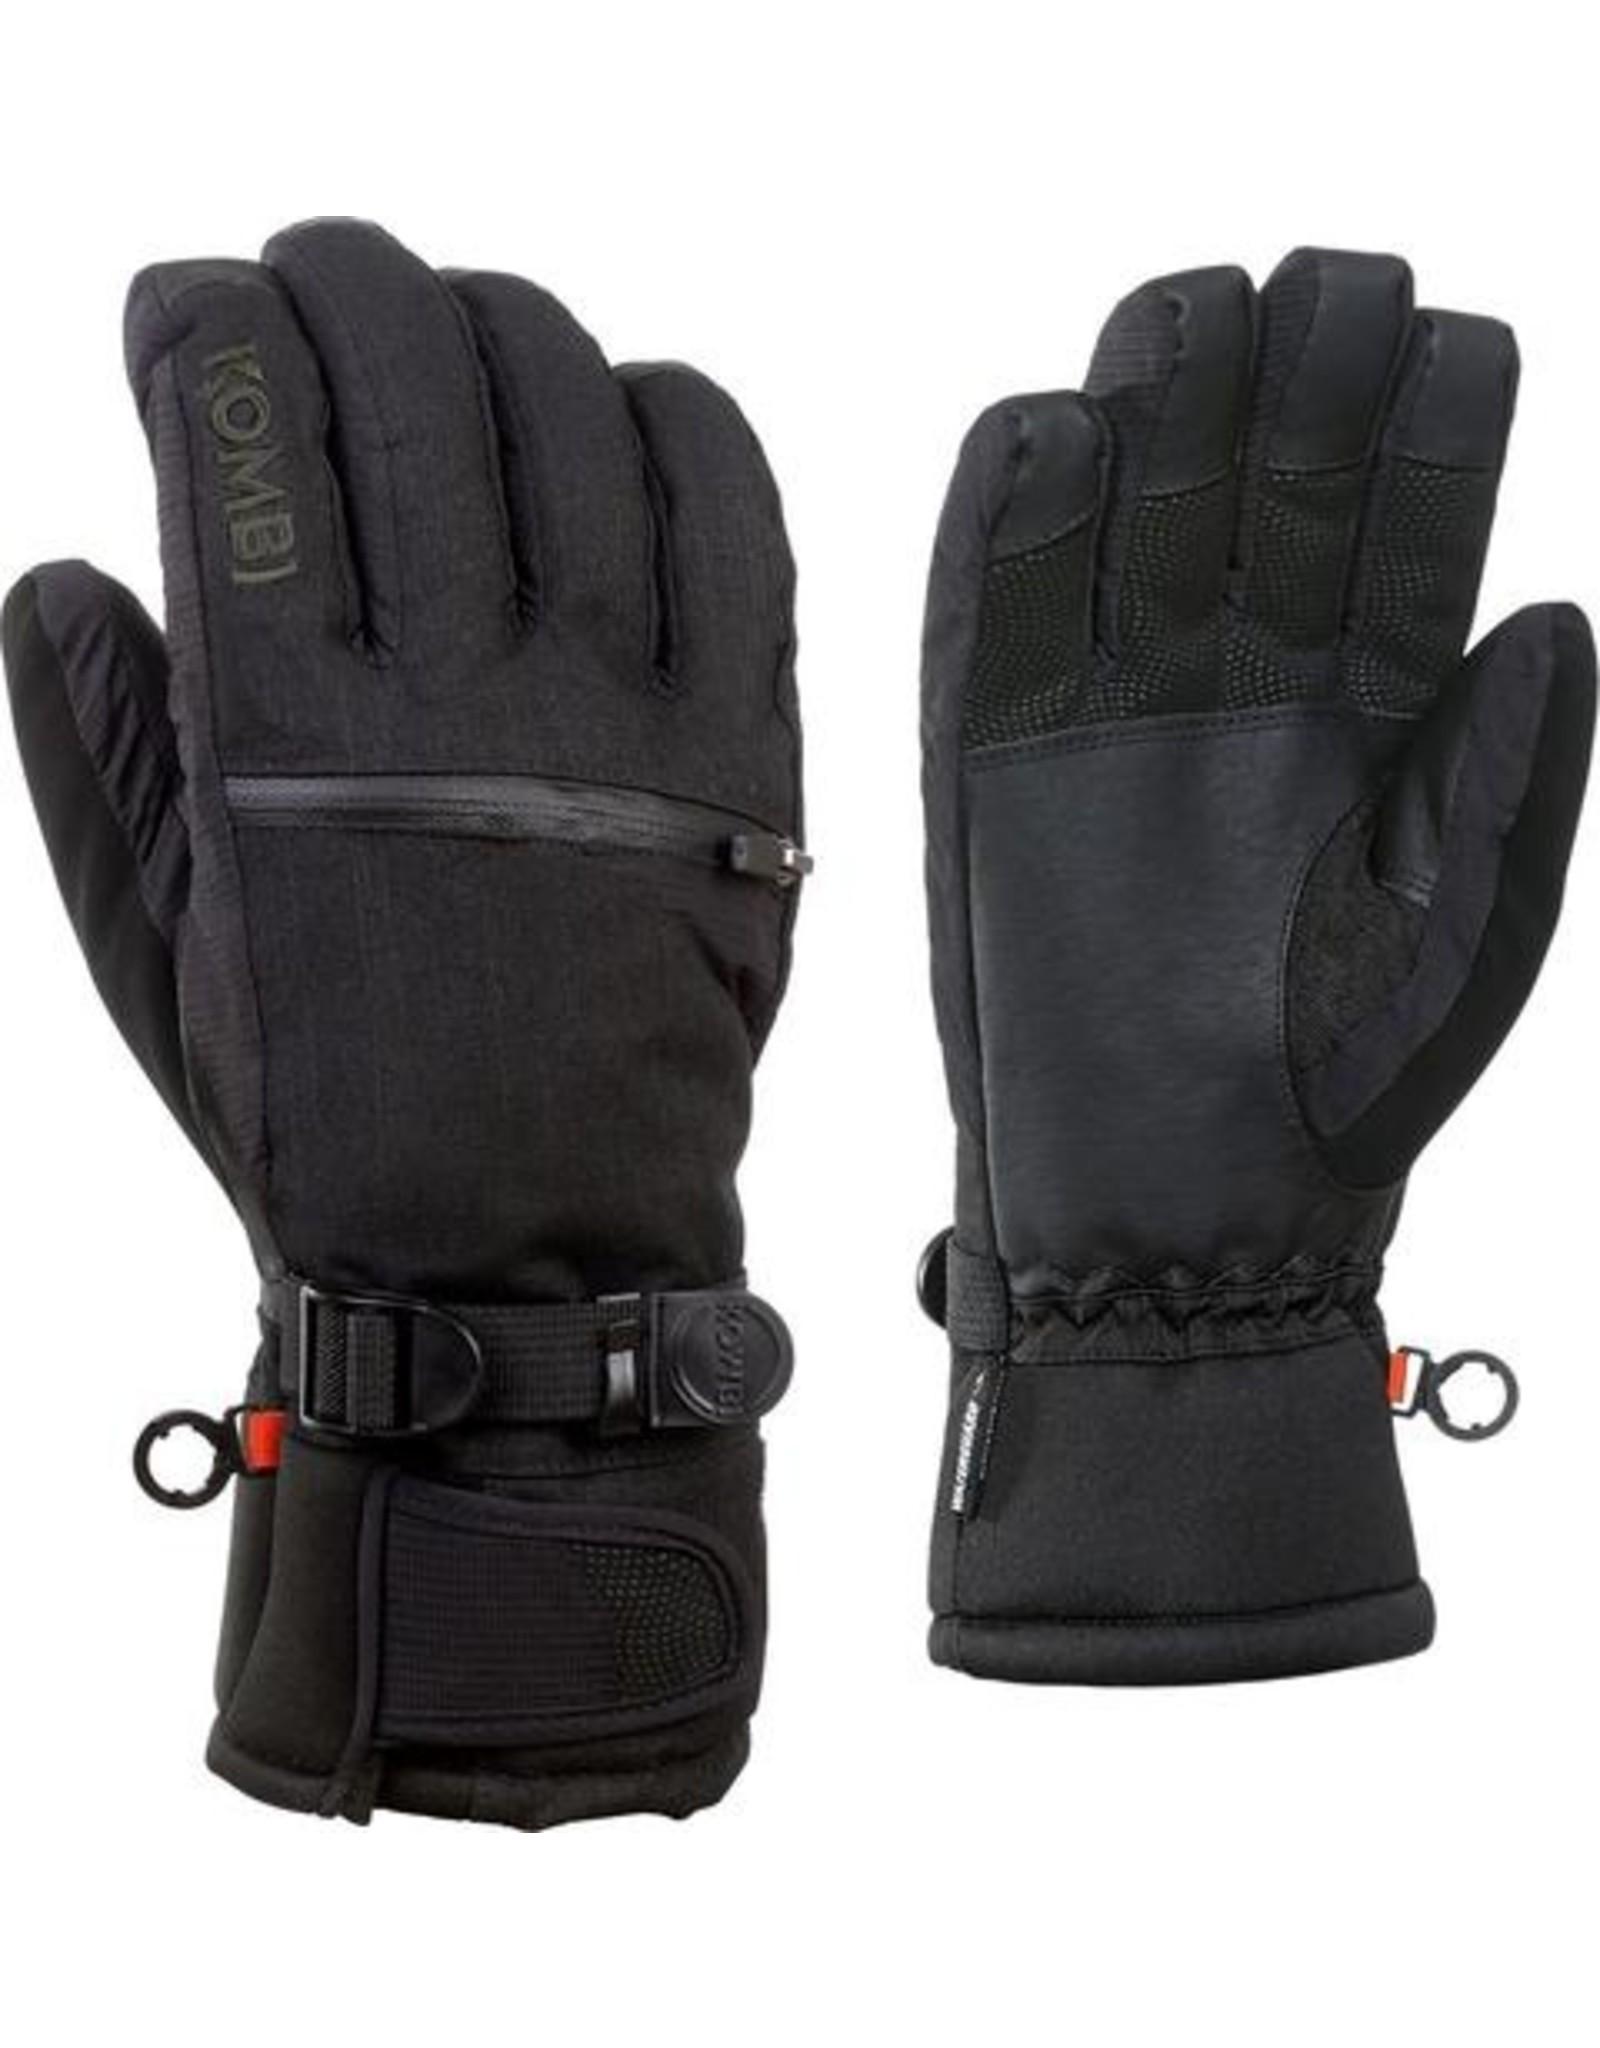 Kombi Kombi The Freerider Womens Glove